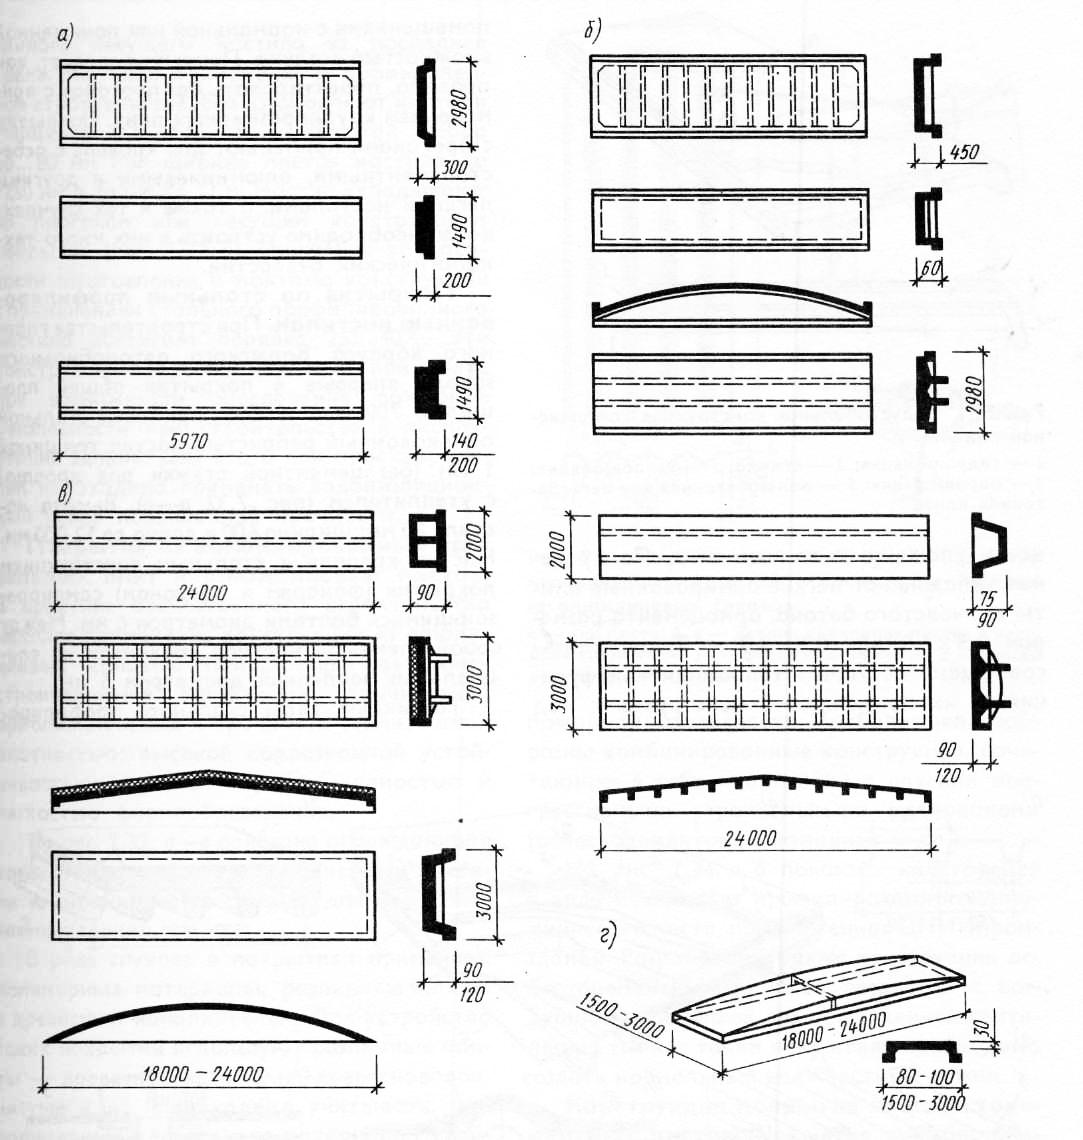 Железобетонные несущие конструкции покрытия железобетонные изделия каталоги